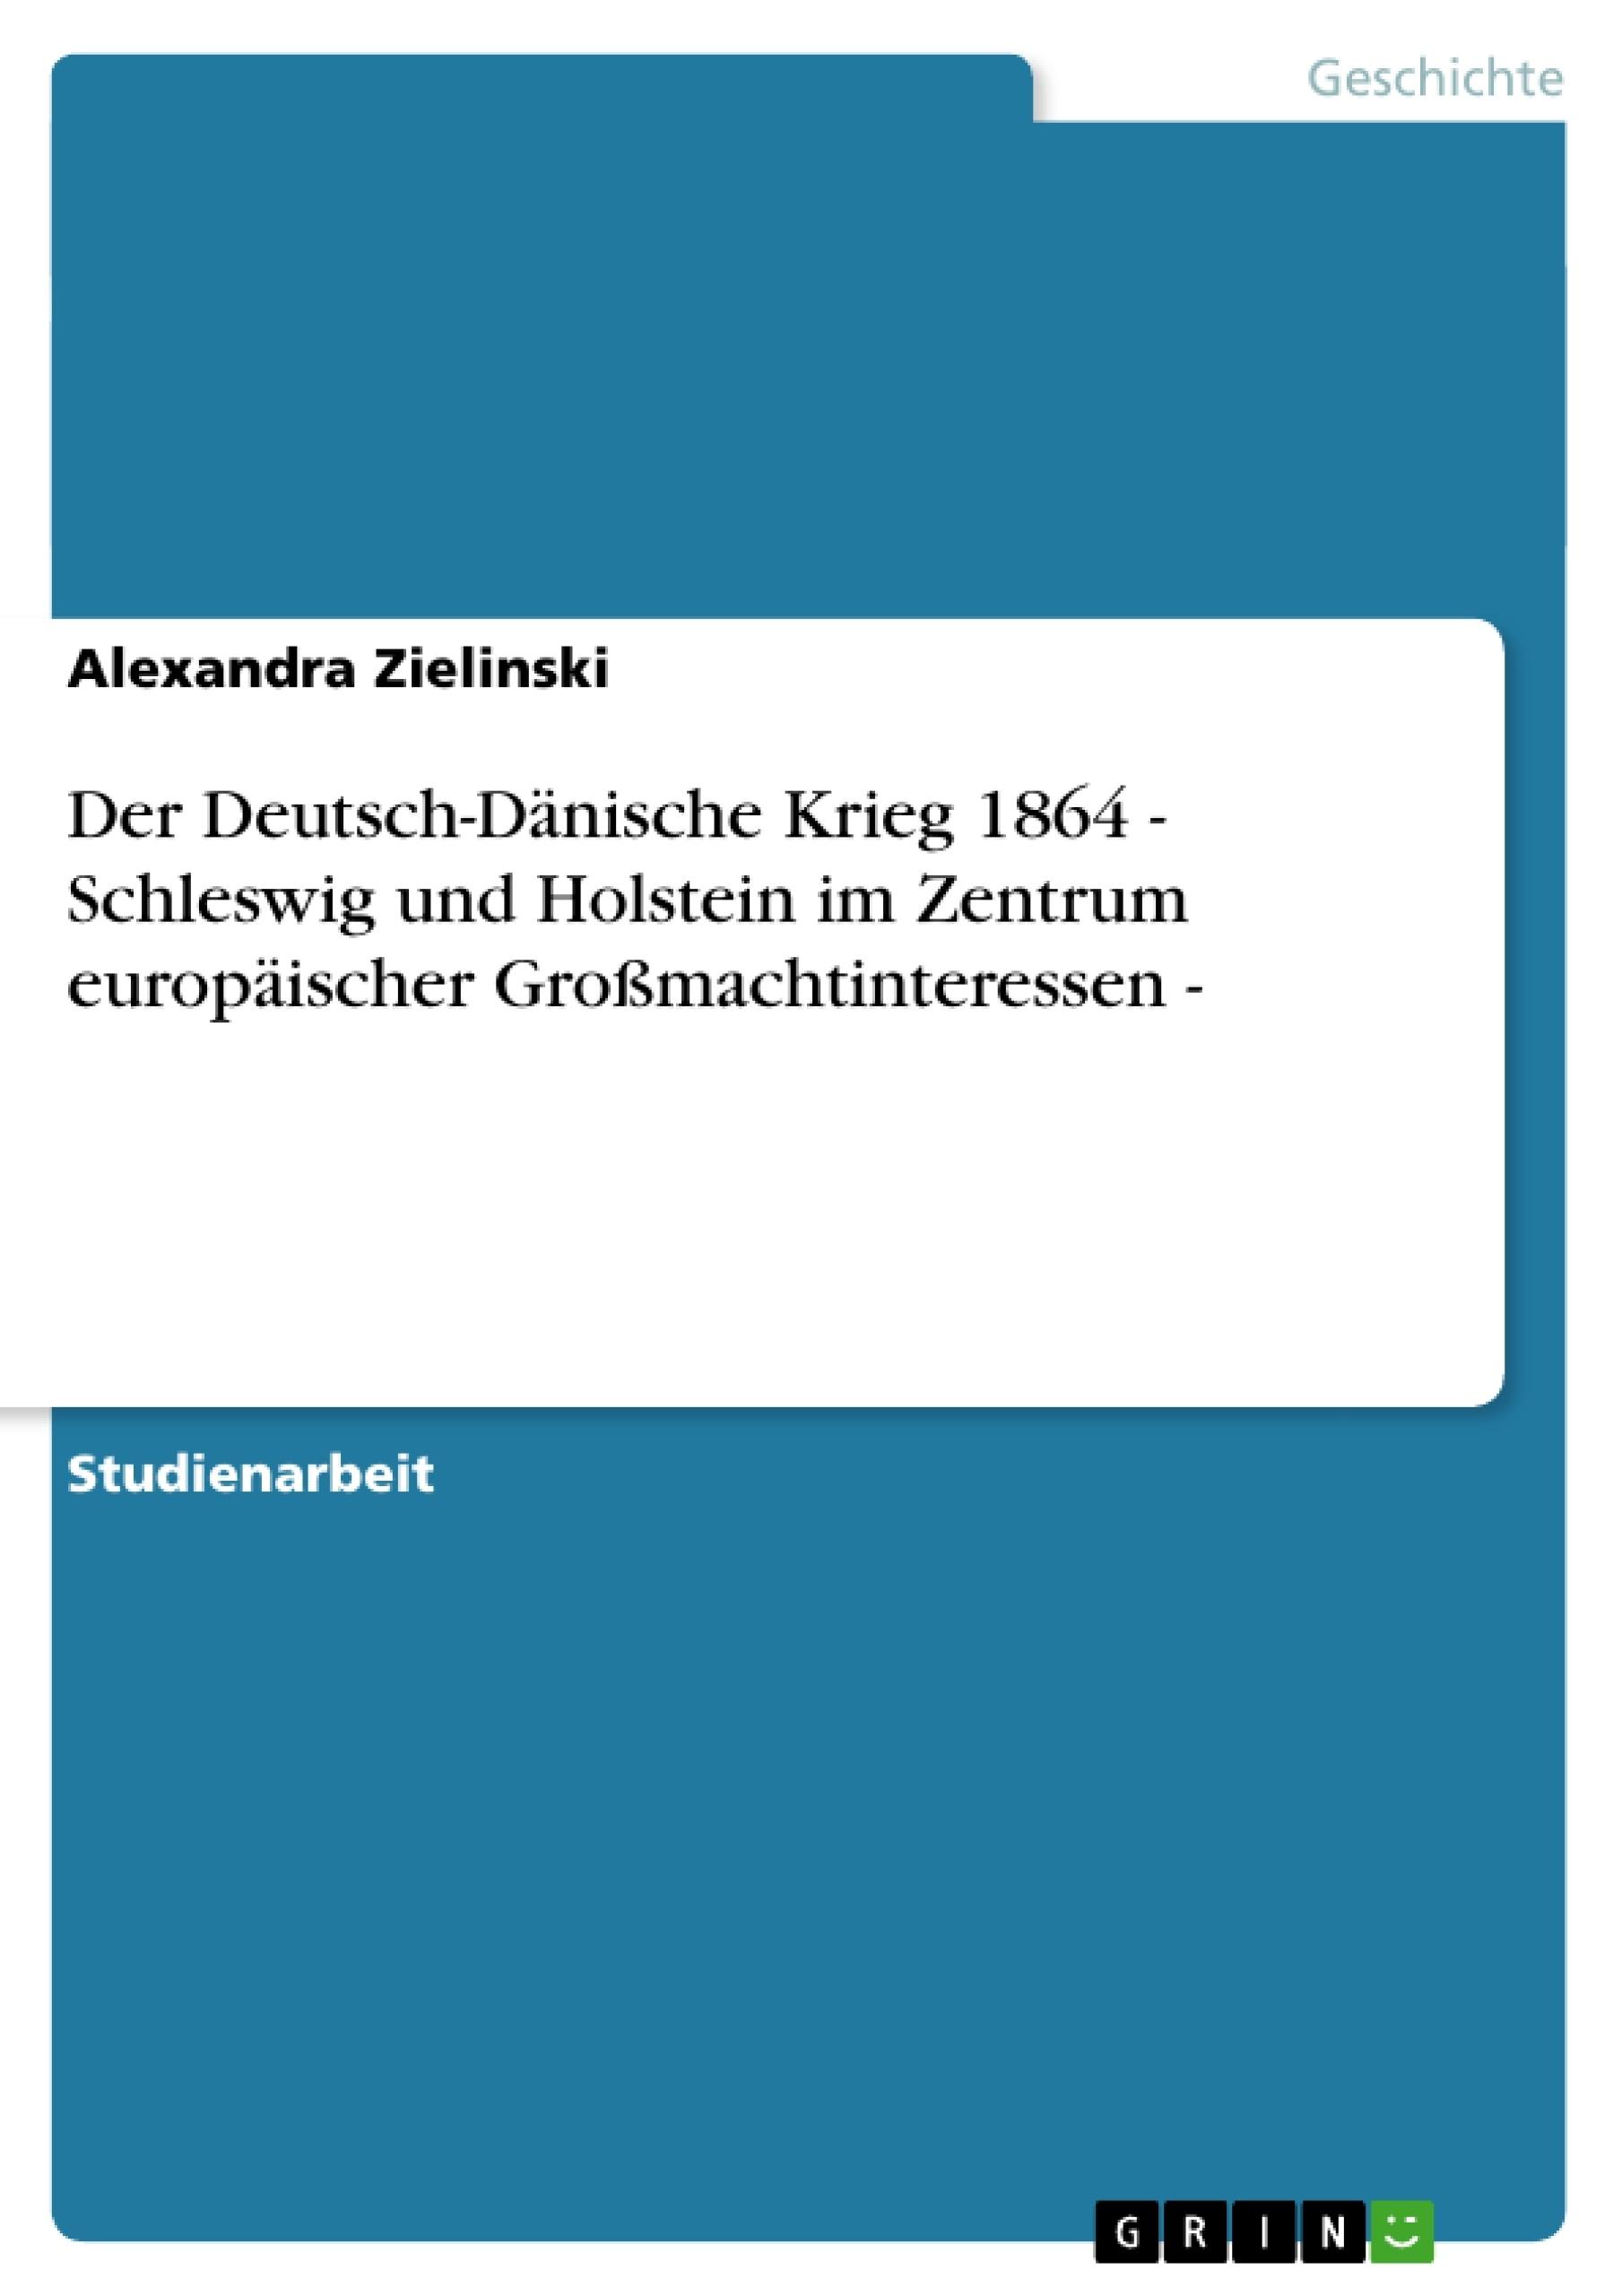 Titel: Der Deutsch-Dänische Krieg 1864 - Schleswig und Holstein im Zentrum europäischer Großmachtinteressen -